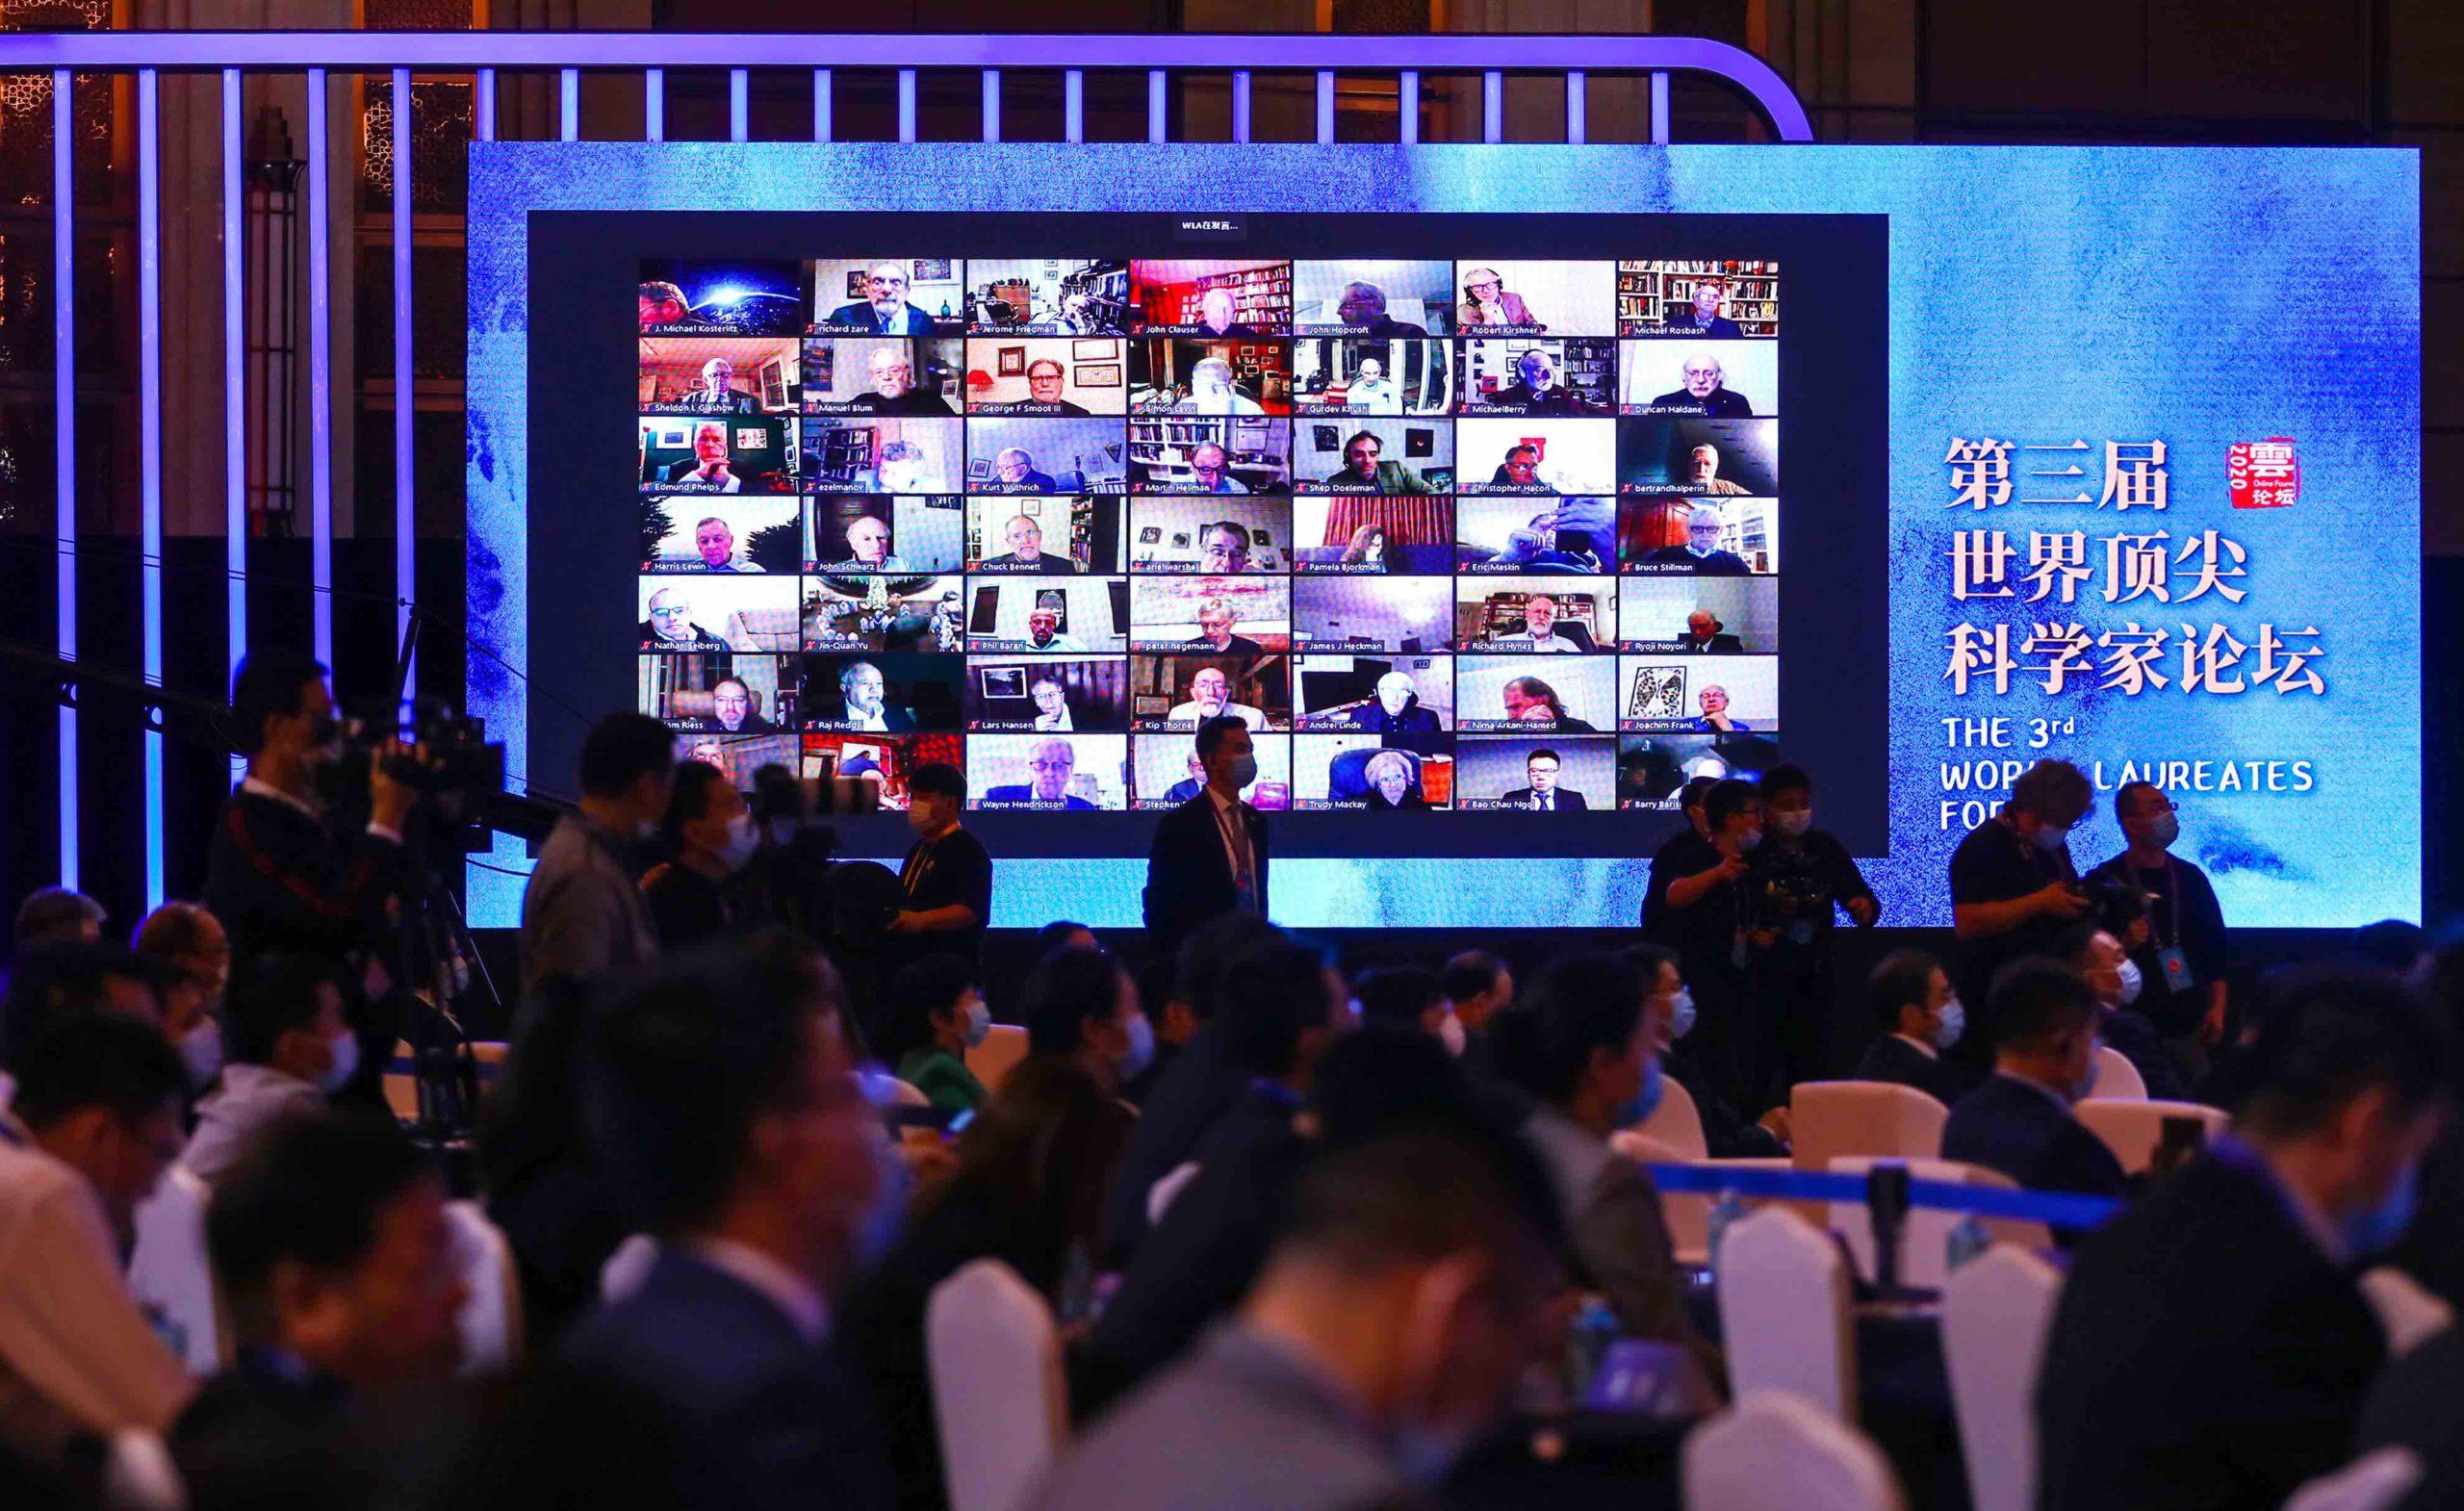 Vok Dams China als Lead Agentur für das World Laureates Forum 2020